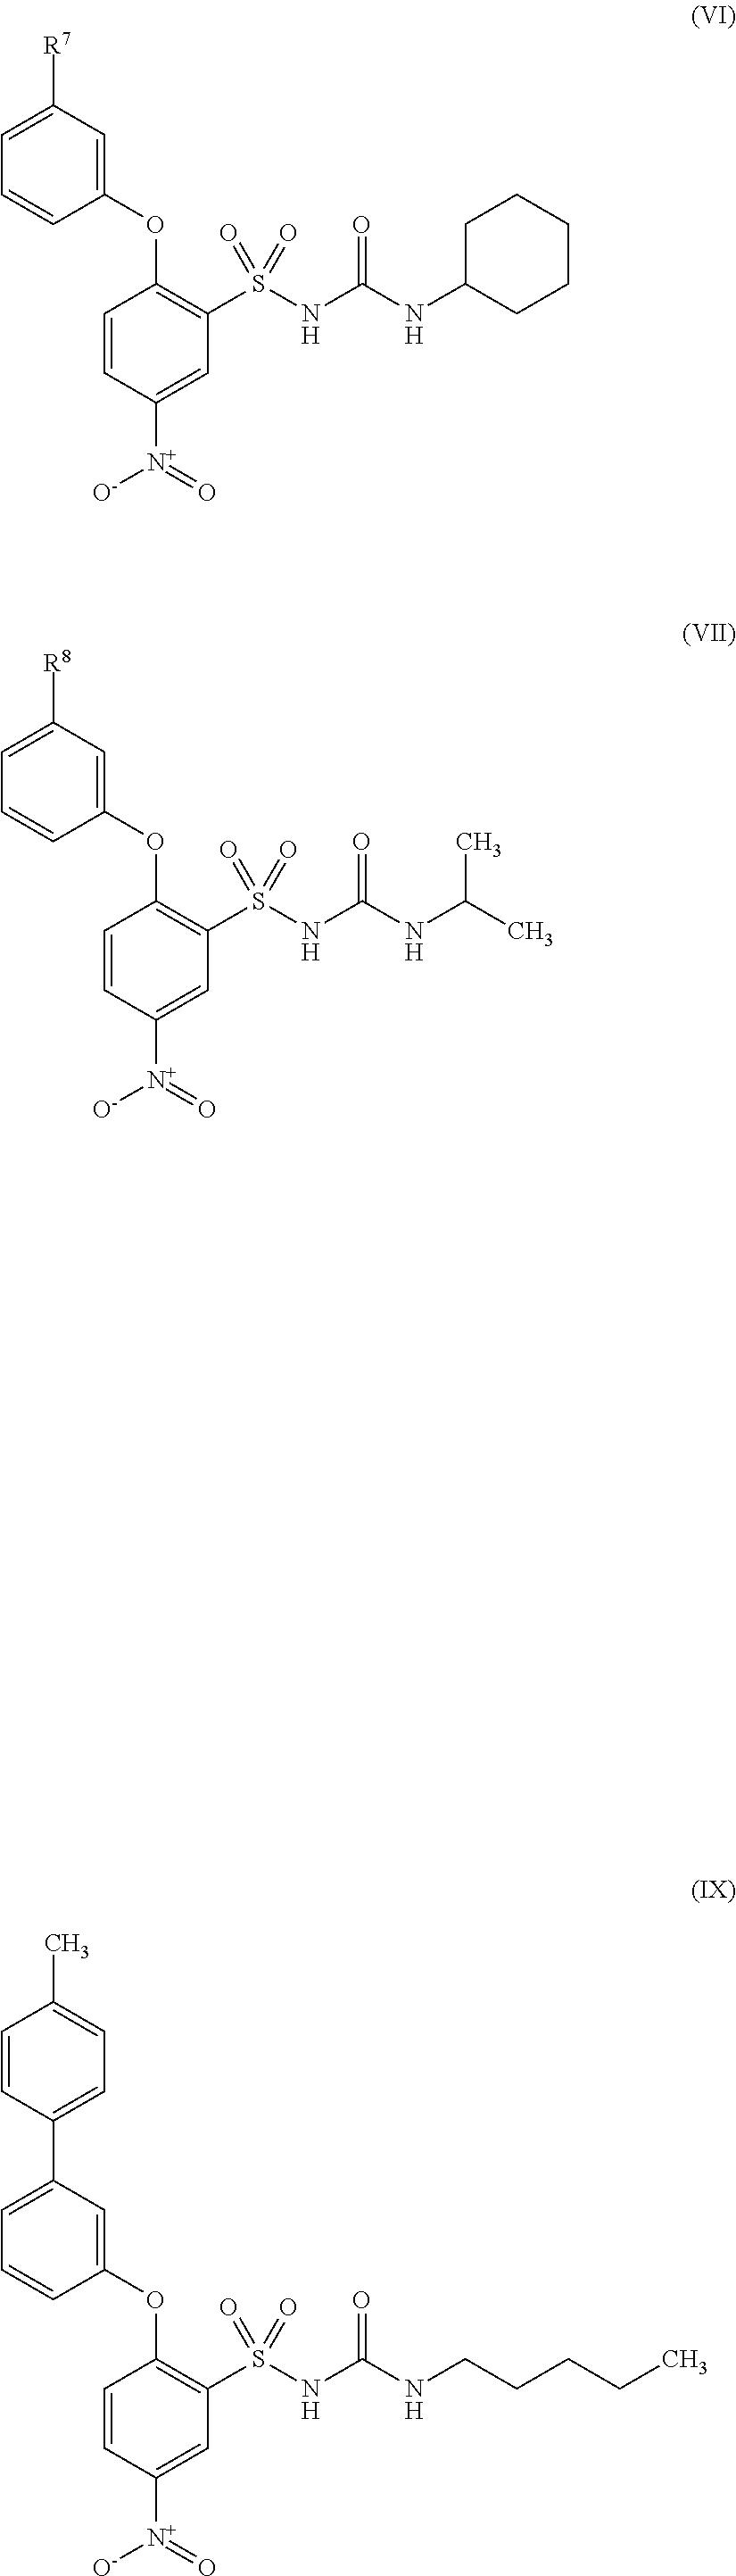 Figure US09718781-20170801-C00137